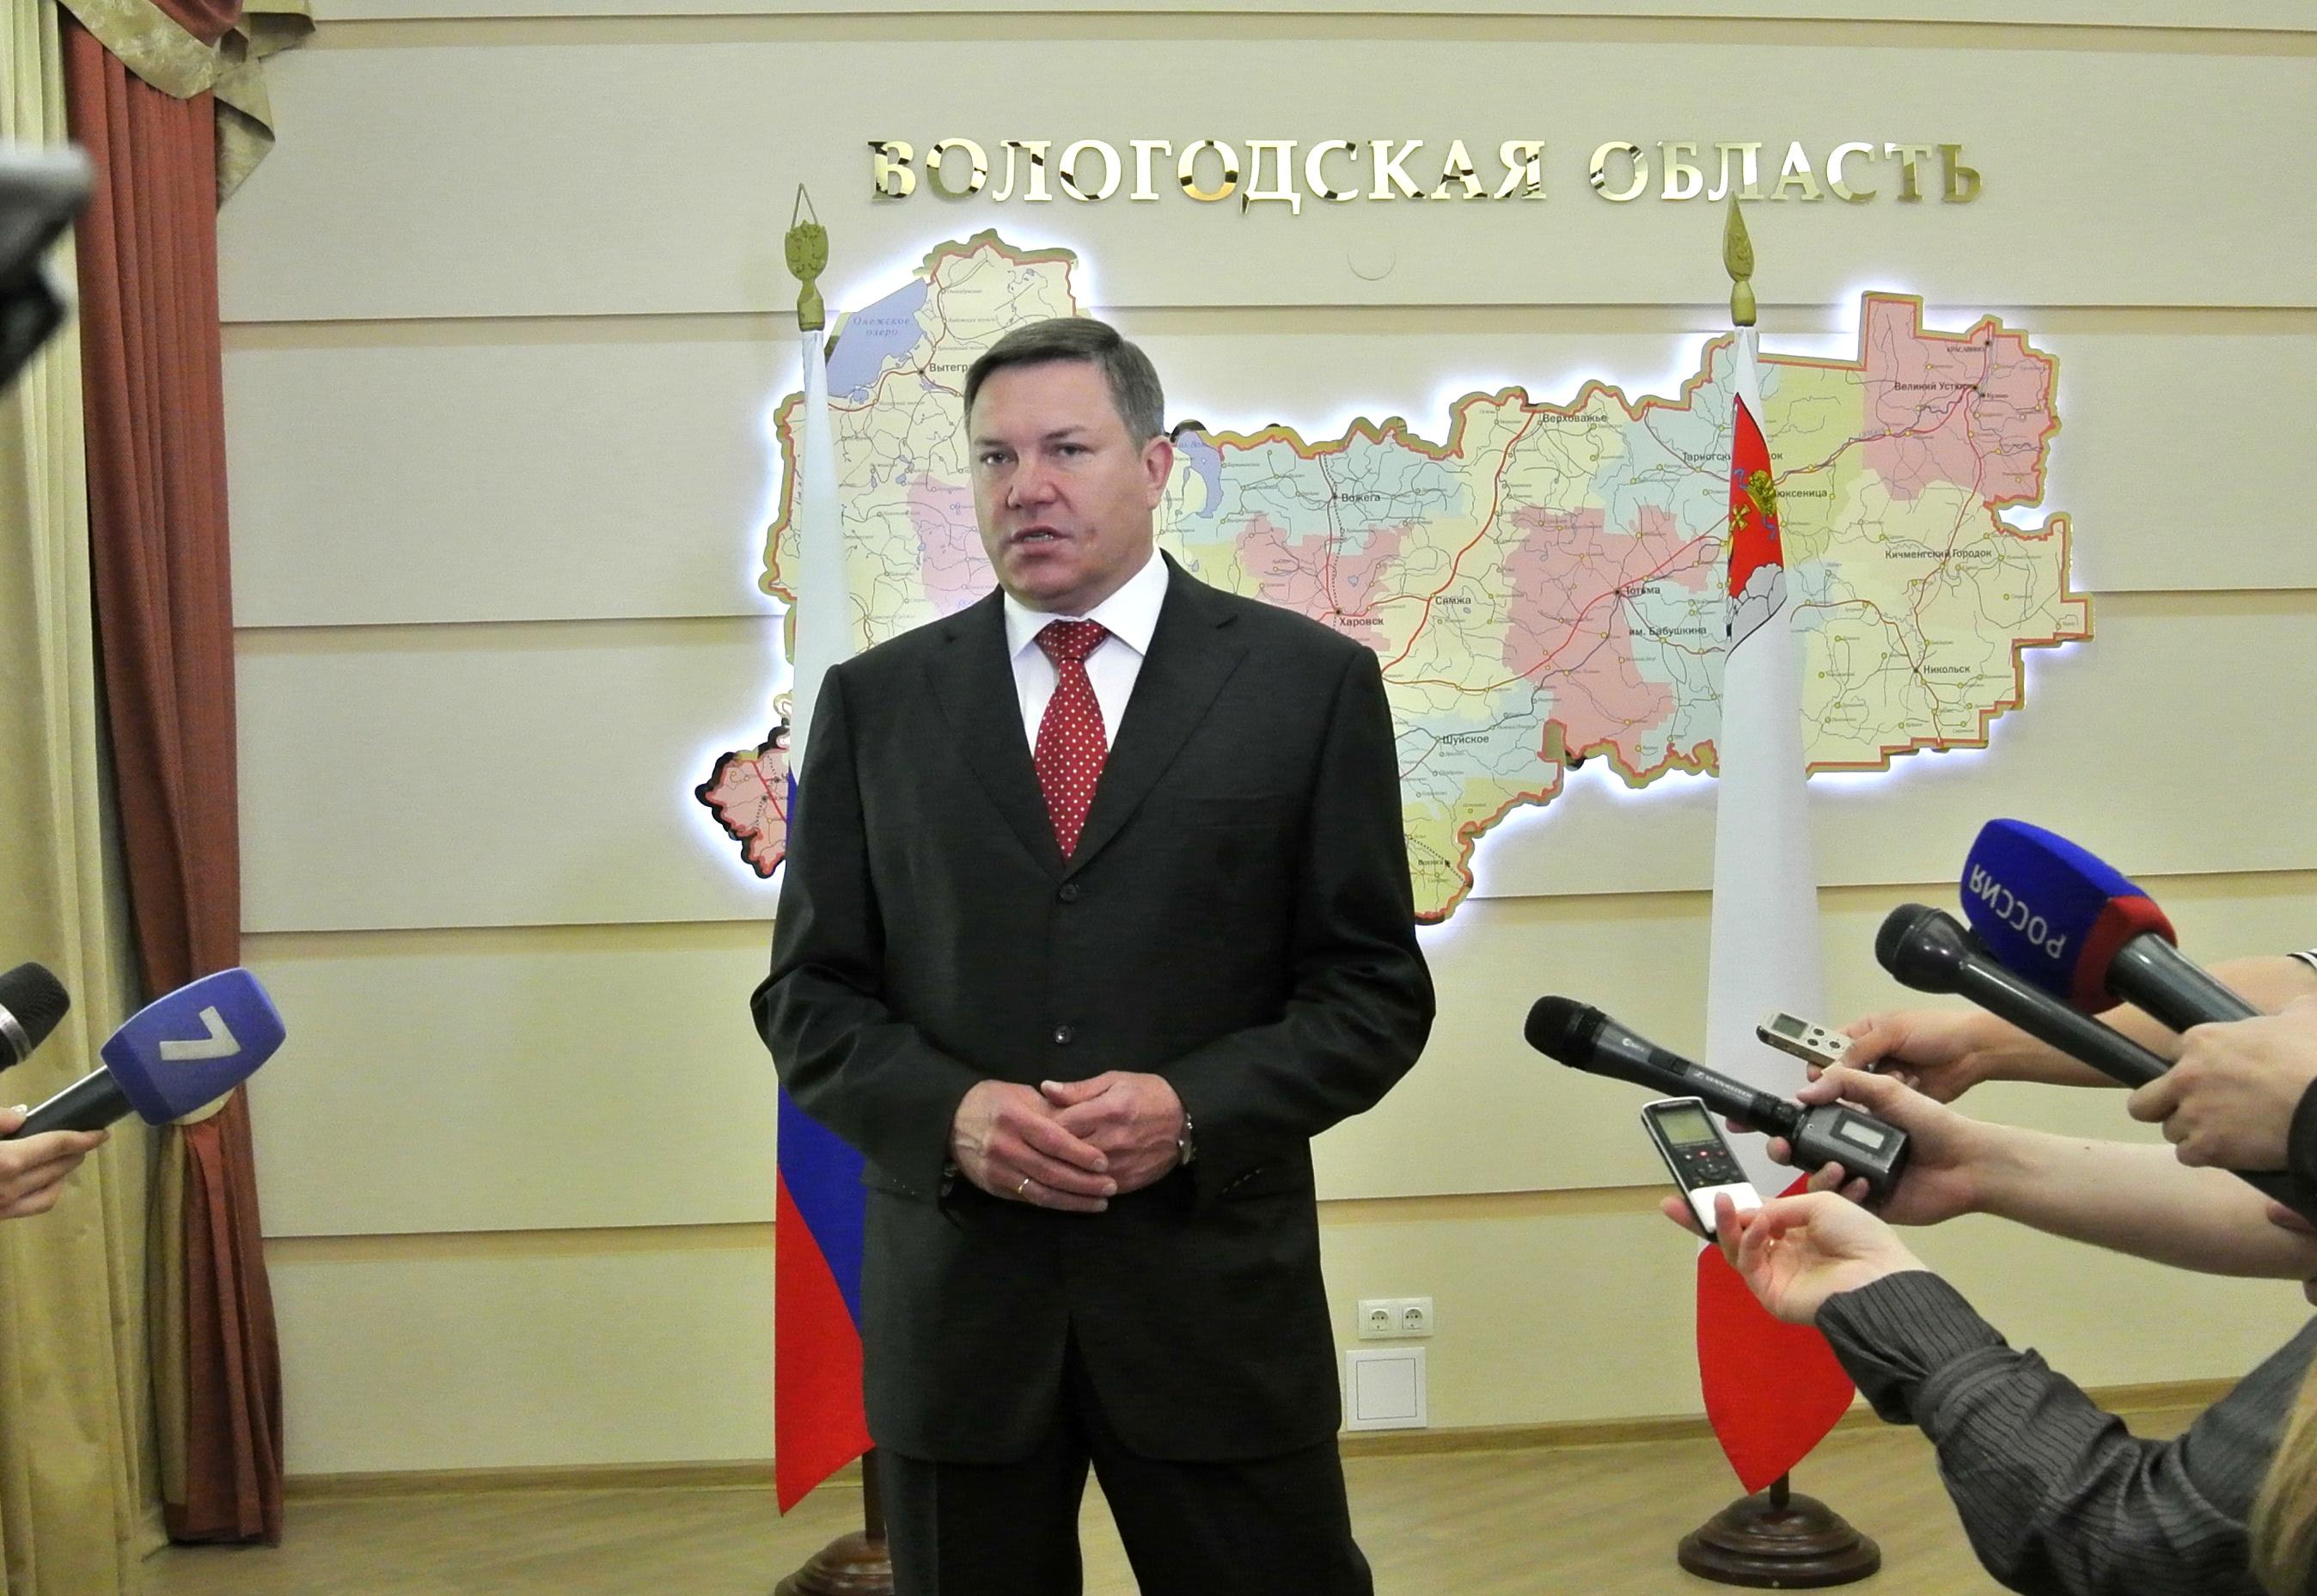 Олег Кувшинников опроверг слухи и рассказал об отставке с поста губернатора Вологодской области